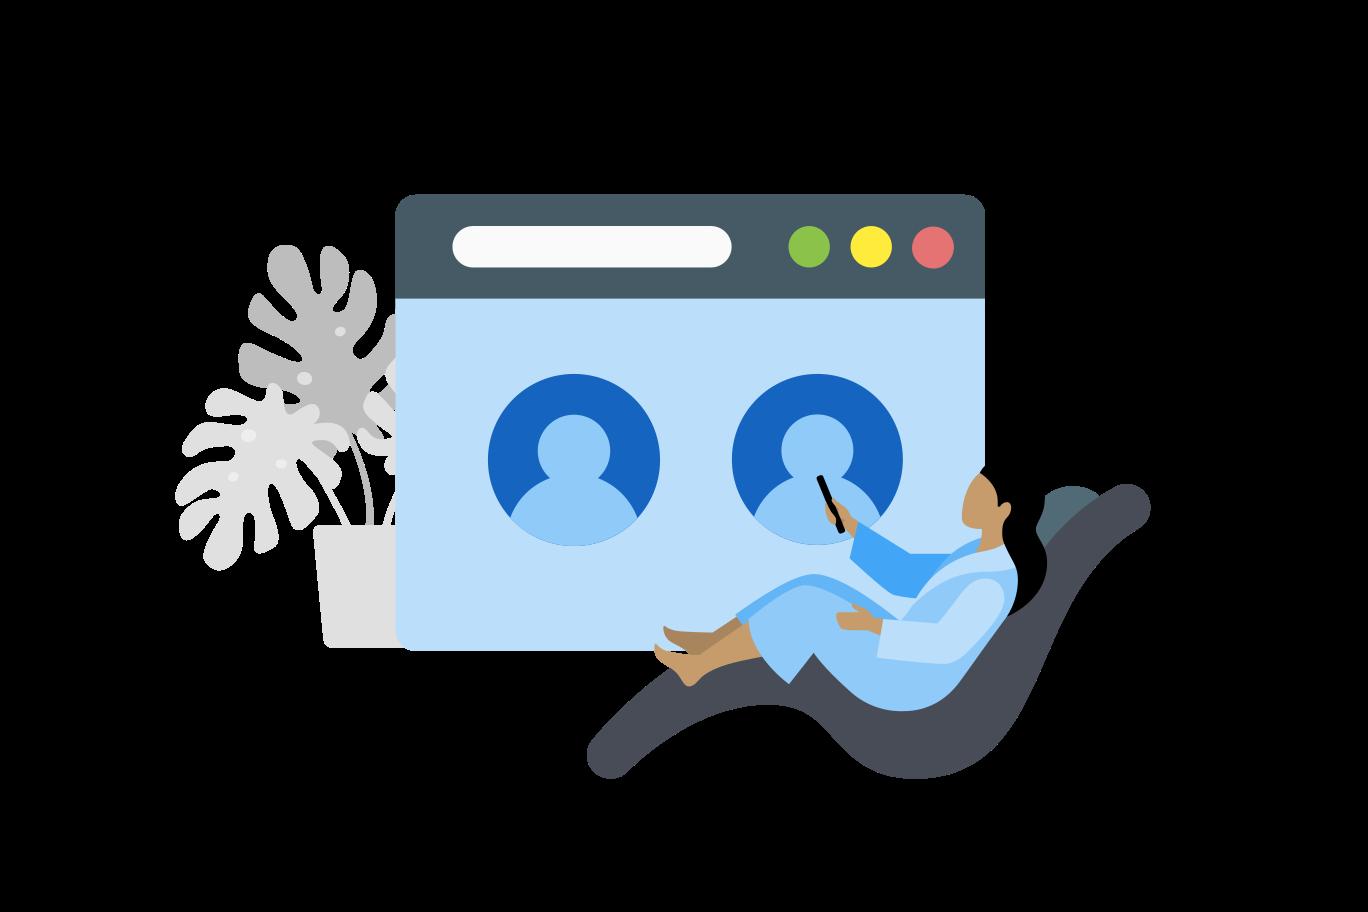 Online conference Clipart illustration in PNG, SVG